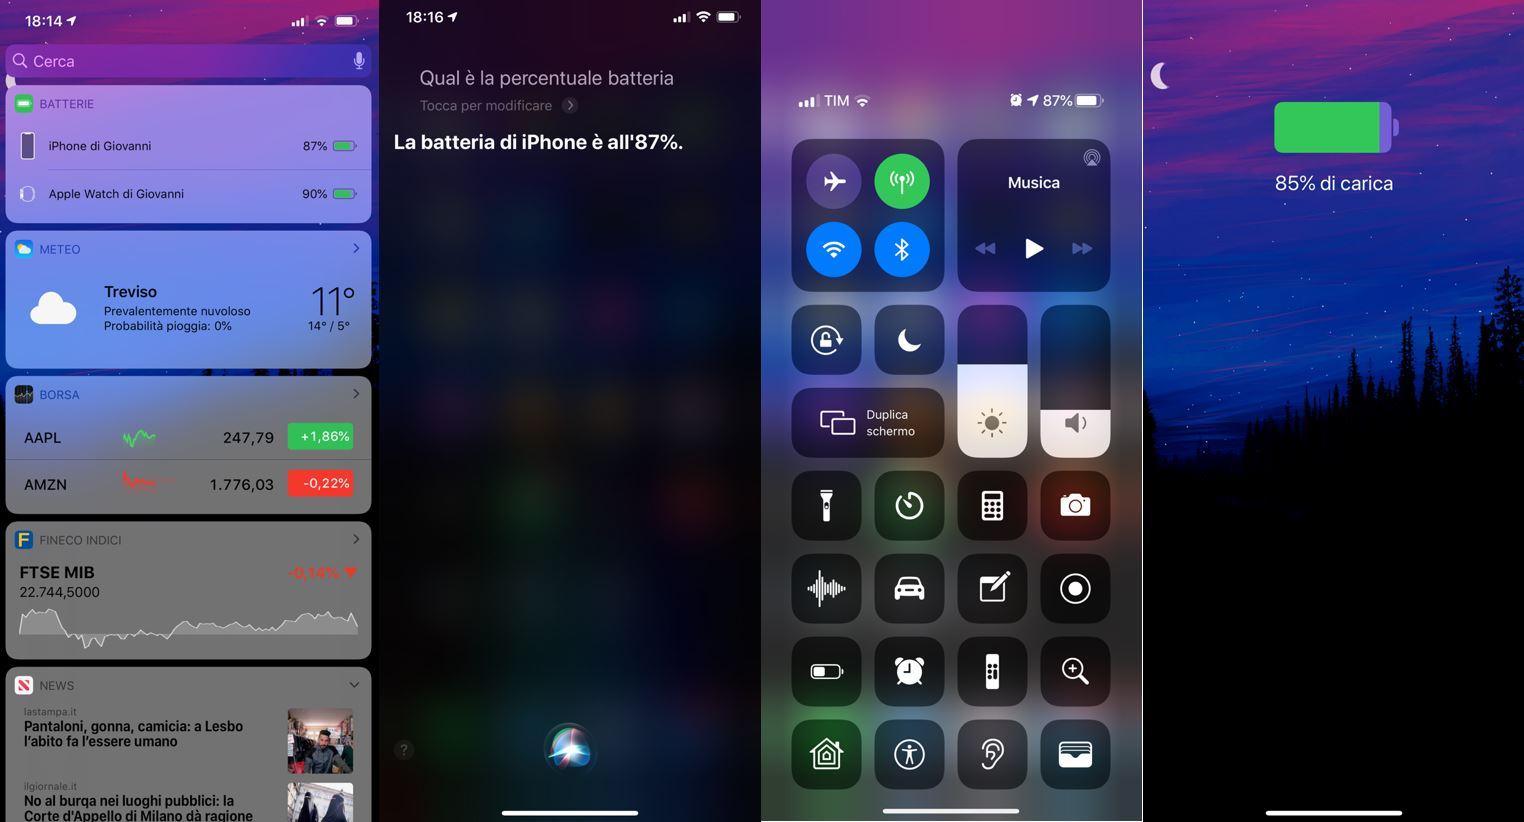 Come visualizzare la percentuale batteria sull'iPhone 11